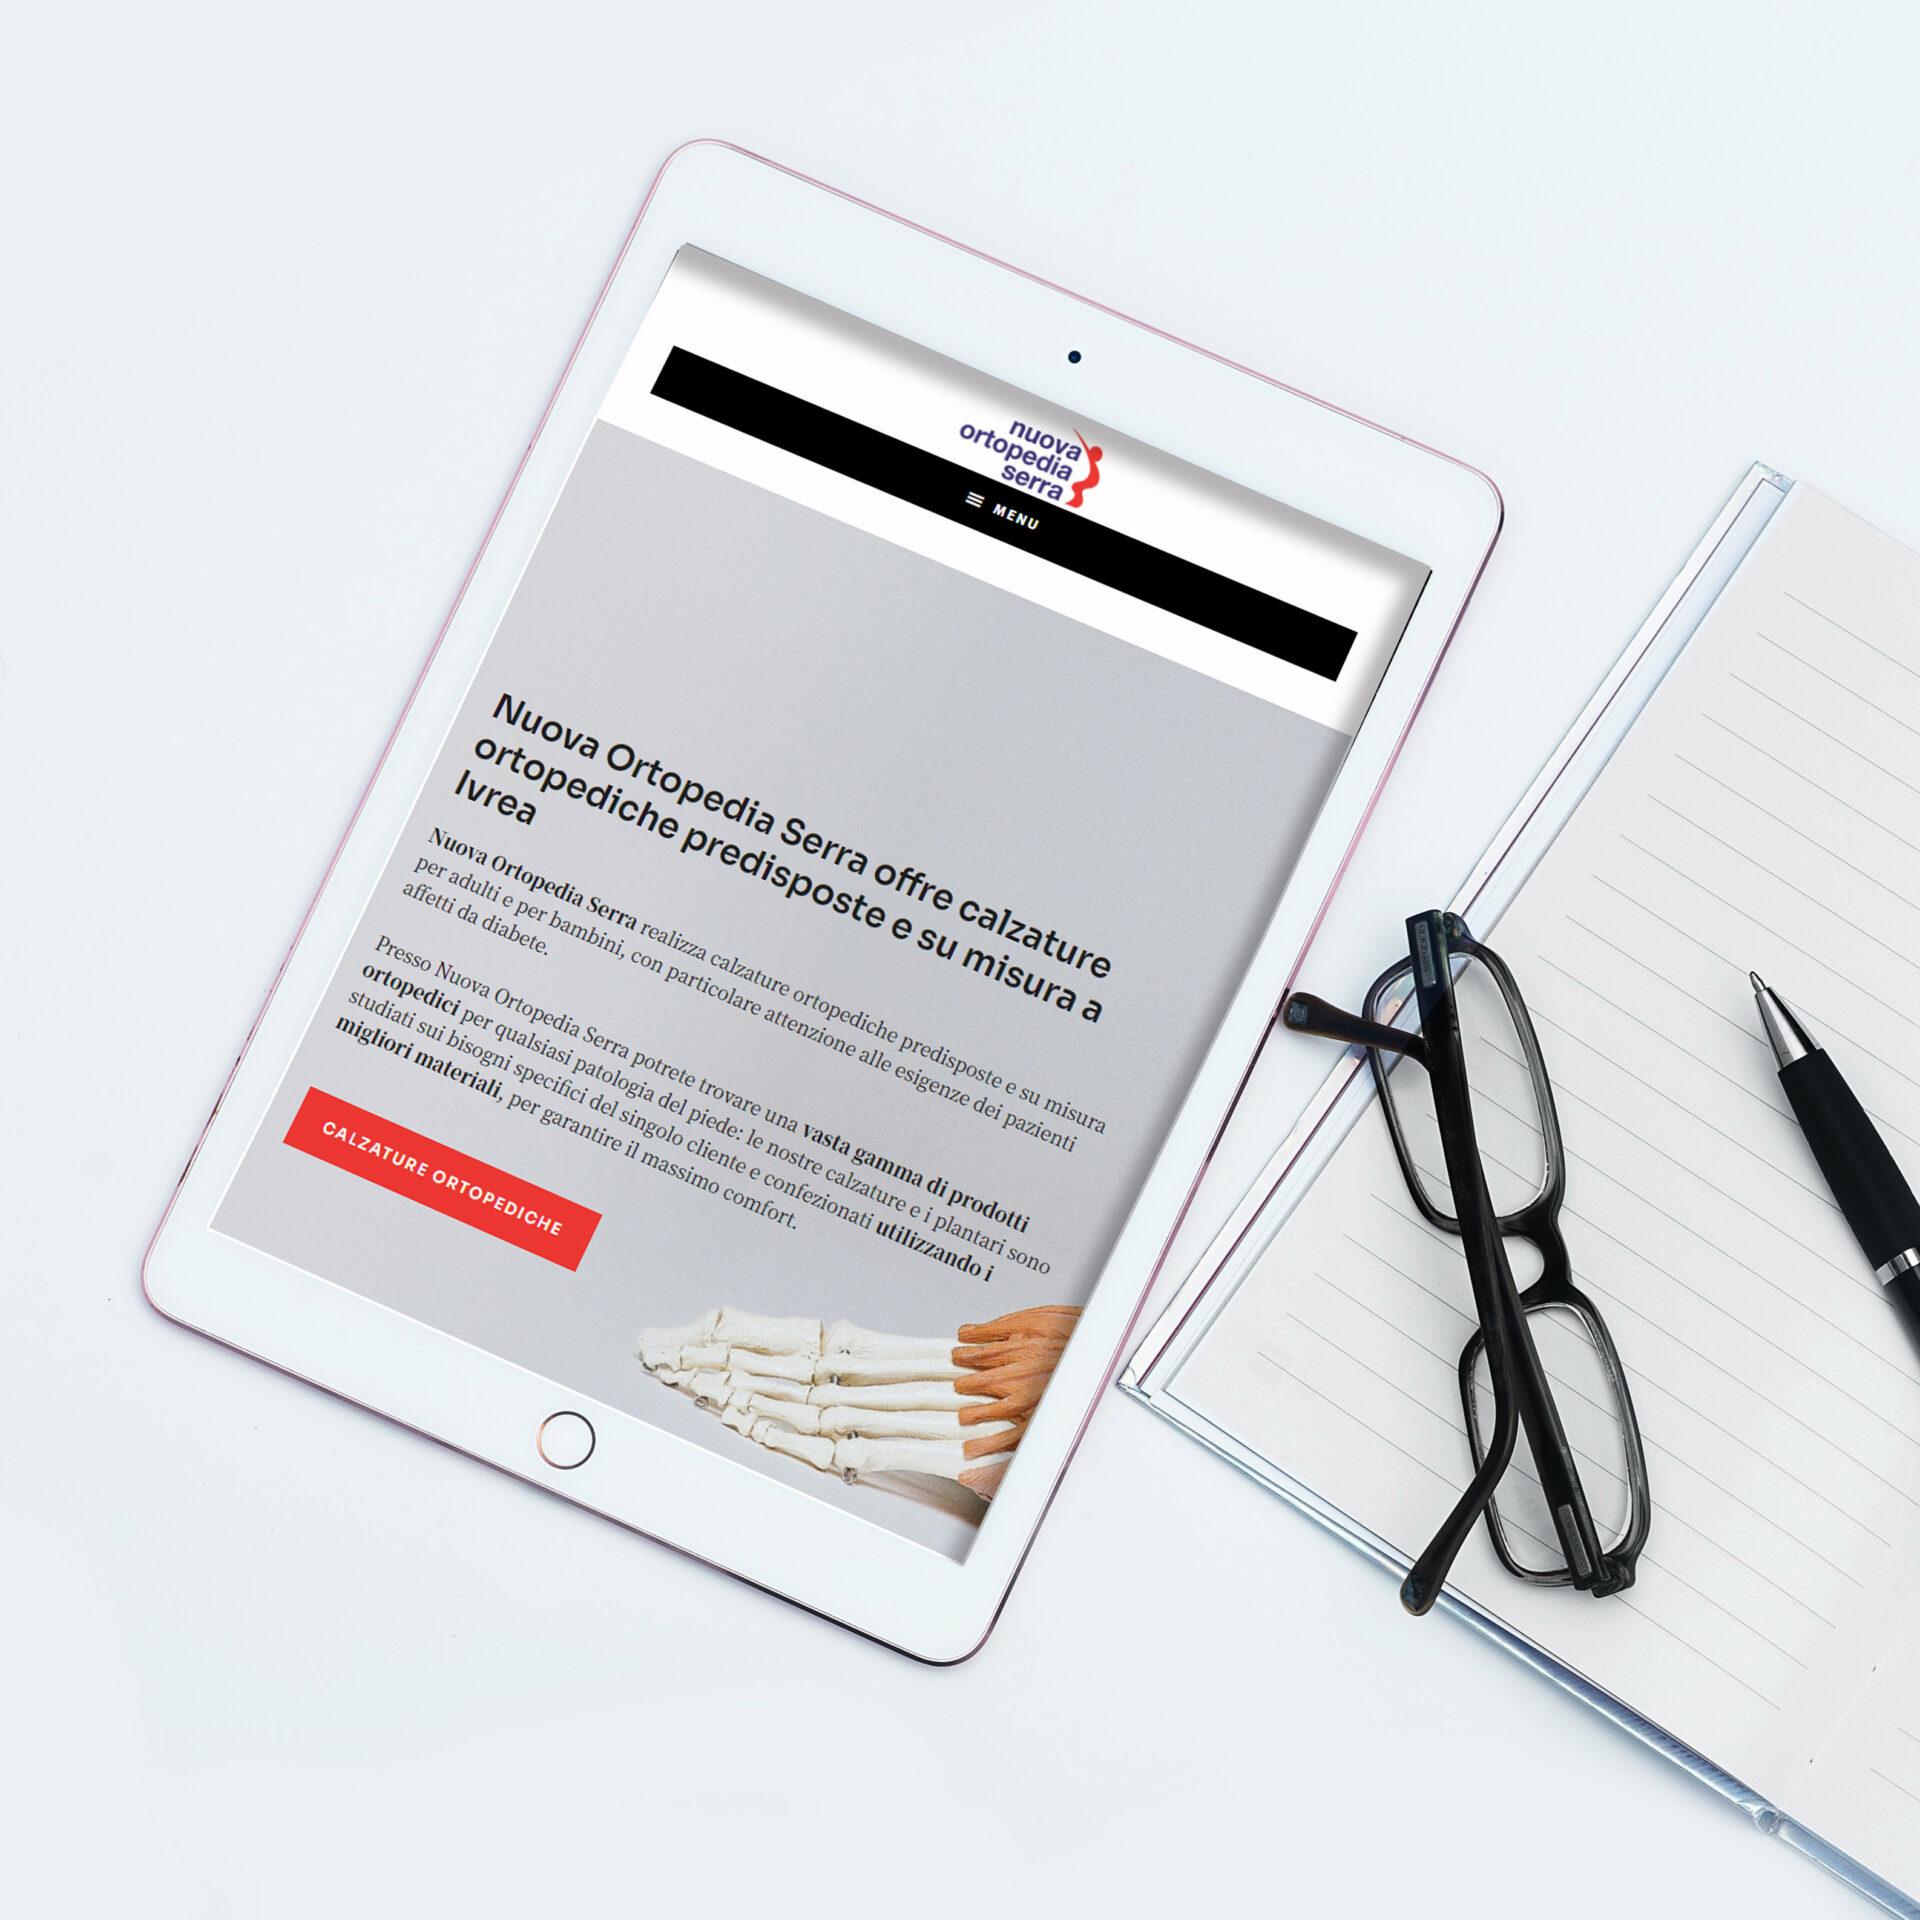 Sito web Nuova Ortopedia Serra visualizzazione da Ipad